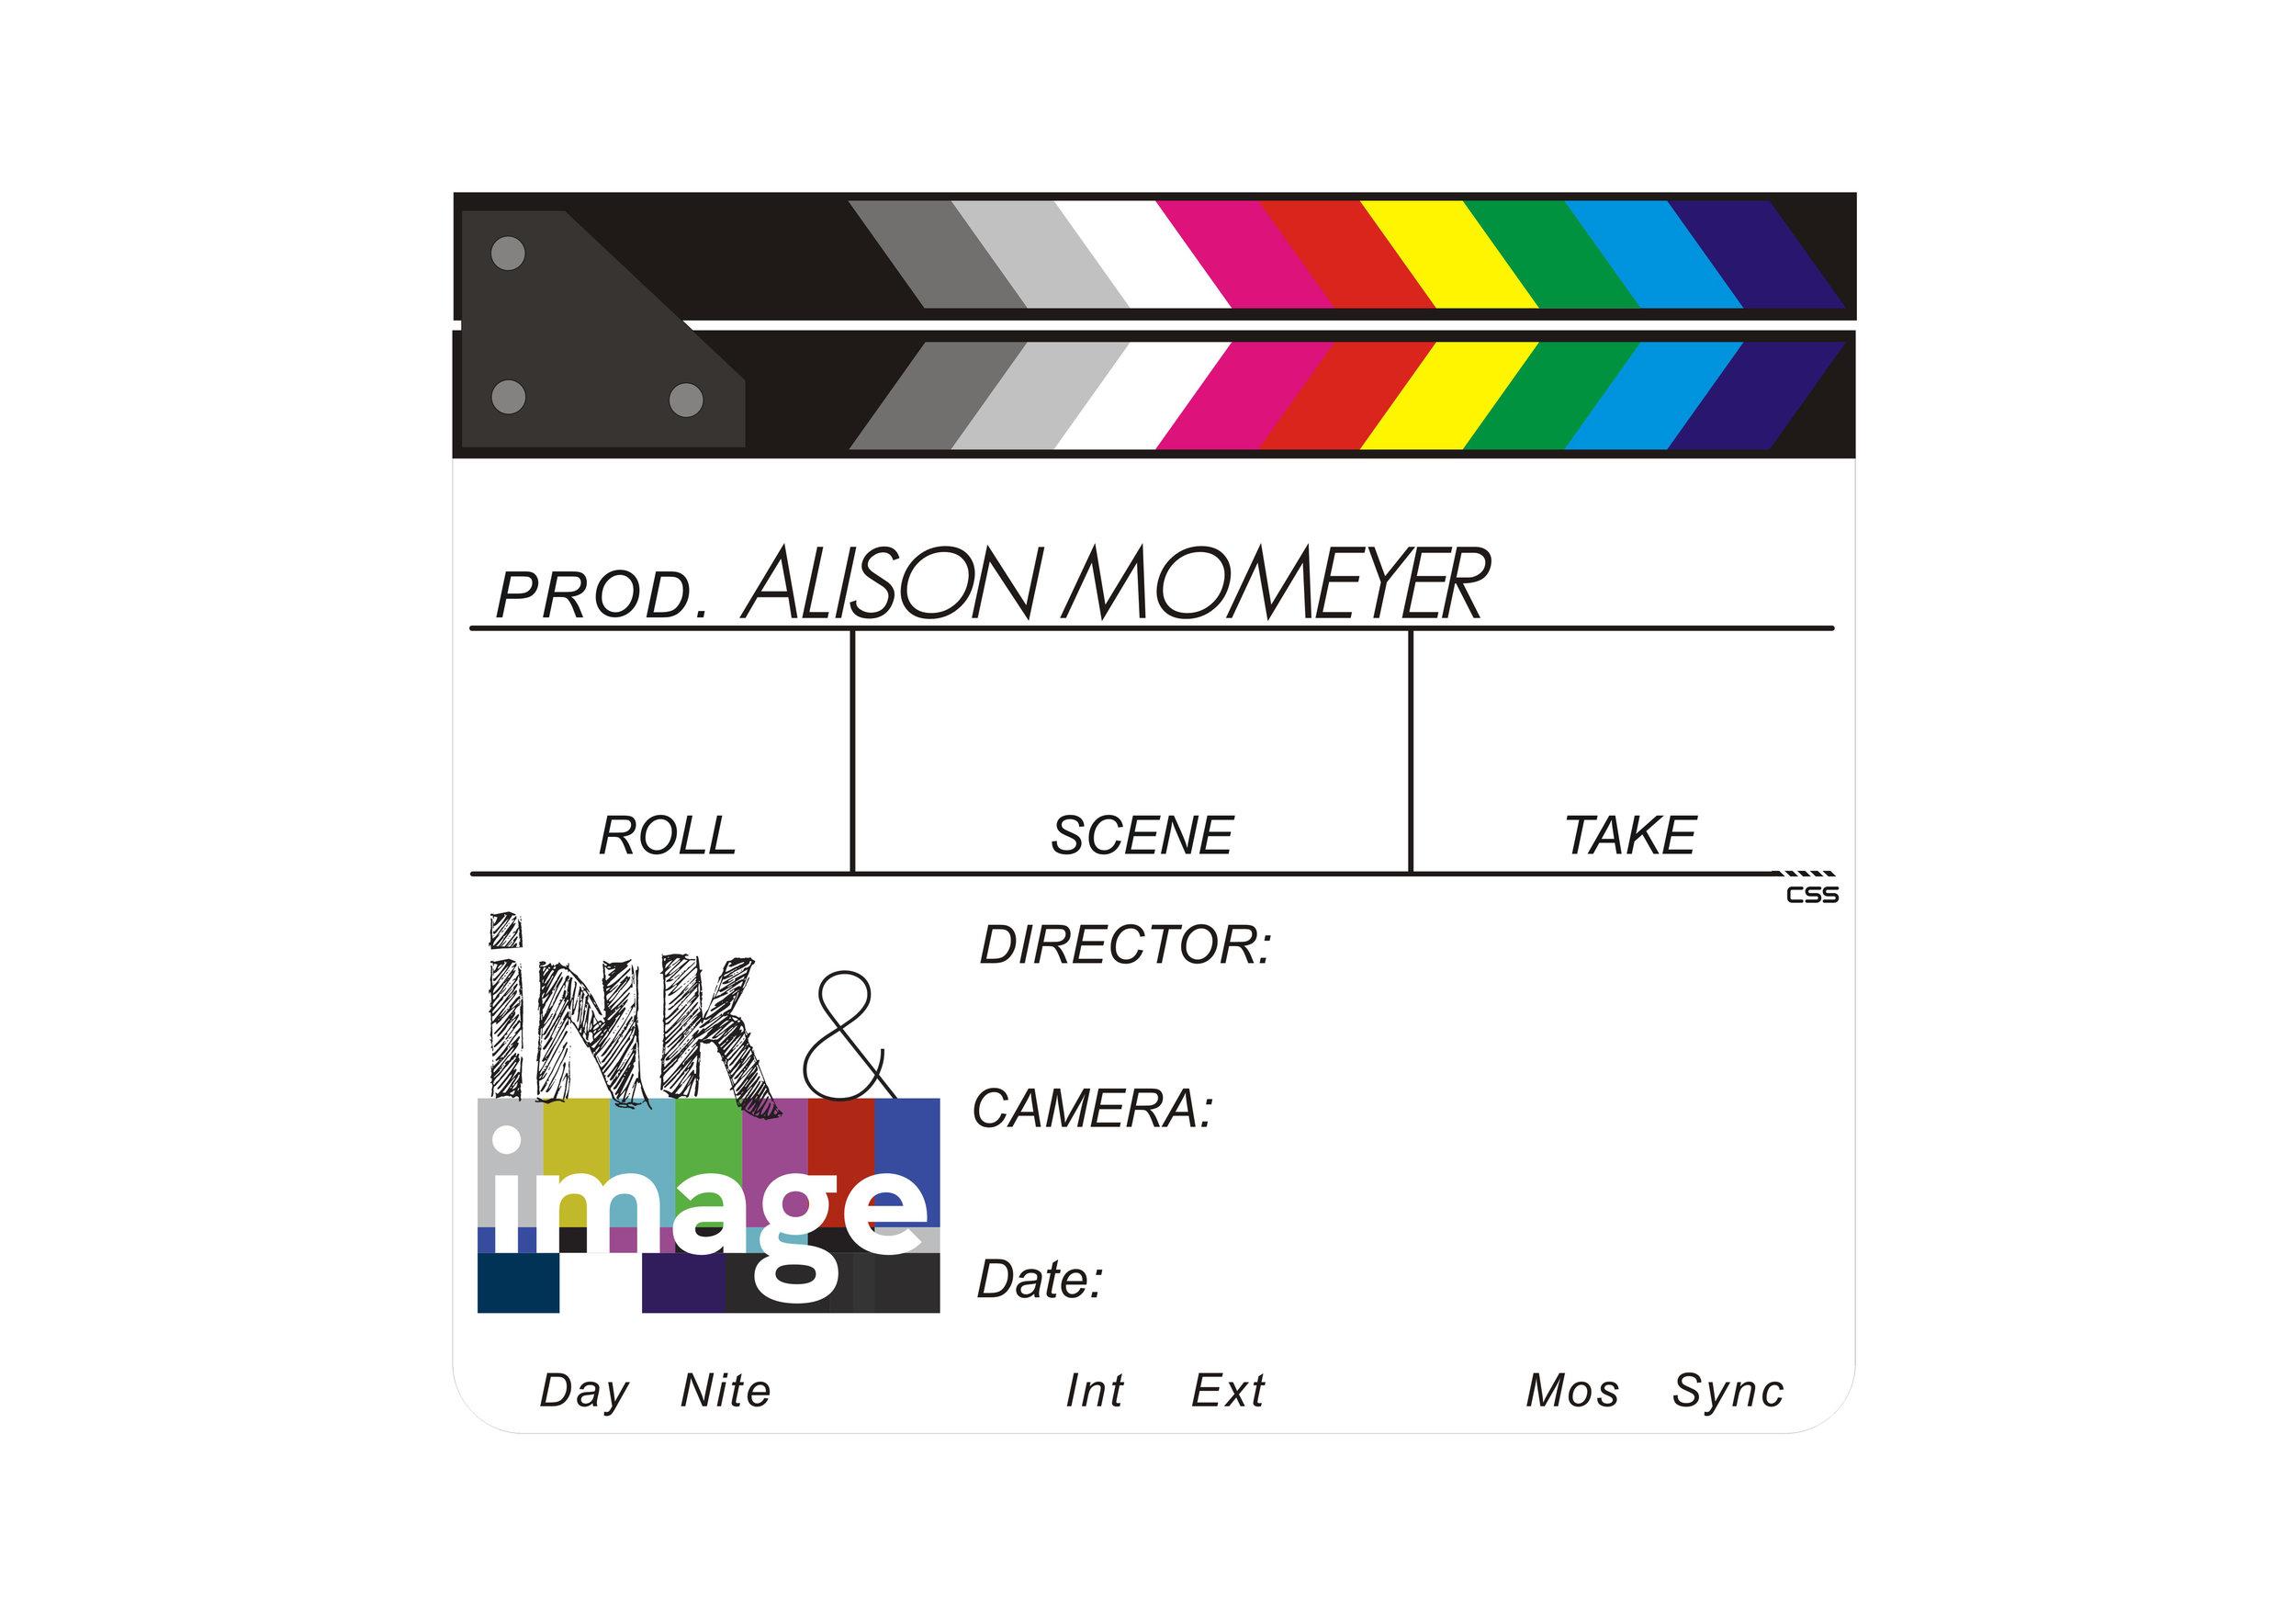 Momeyer slate.jpg